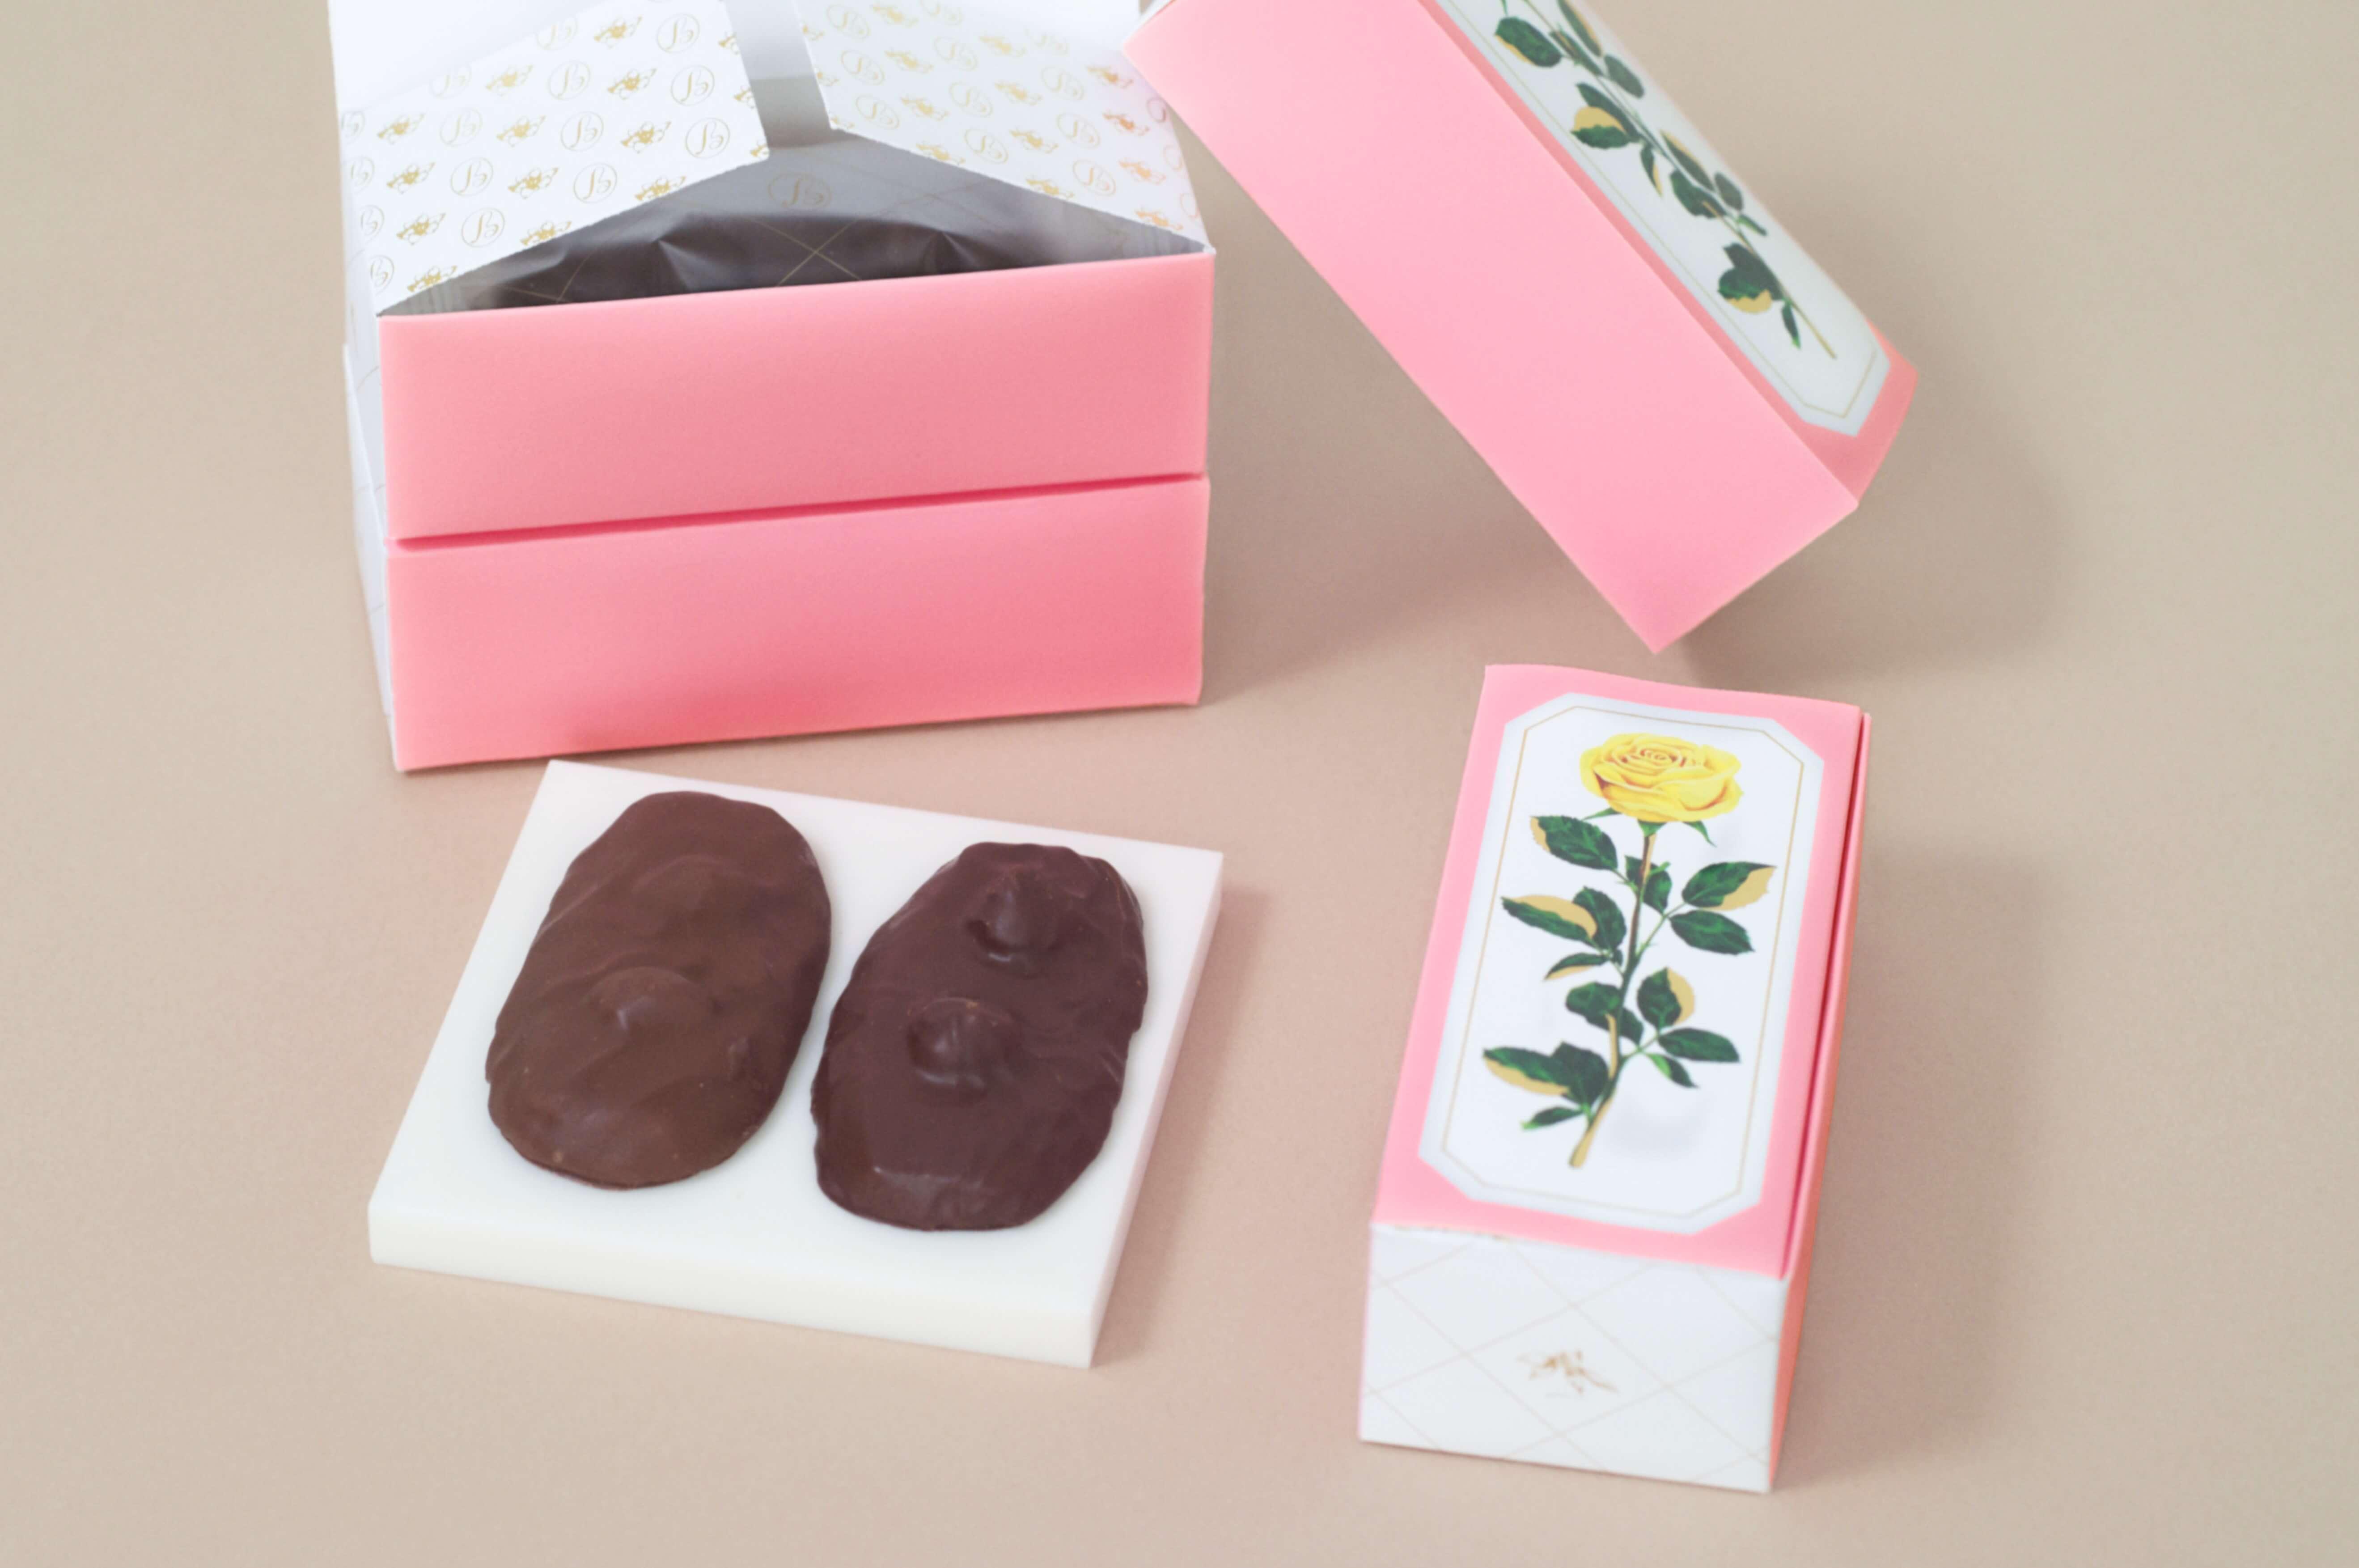 ruru-marys-%e3%82%b7%e3%83%a7%e3%82%b3%e3%83%a9%e3%82%b5%e3%83%96%e3%83%ac-souvenir-chocolate-sable-%e7%b4%80%e5%bf%b5%e5%b7%a7%e5%85%8b%e5%8a%9b%e9%a4%85%e4%b9%be_-2